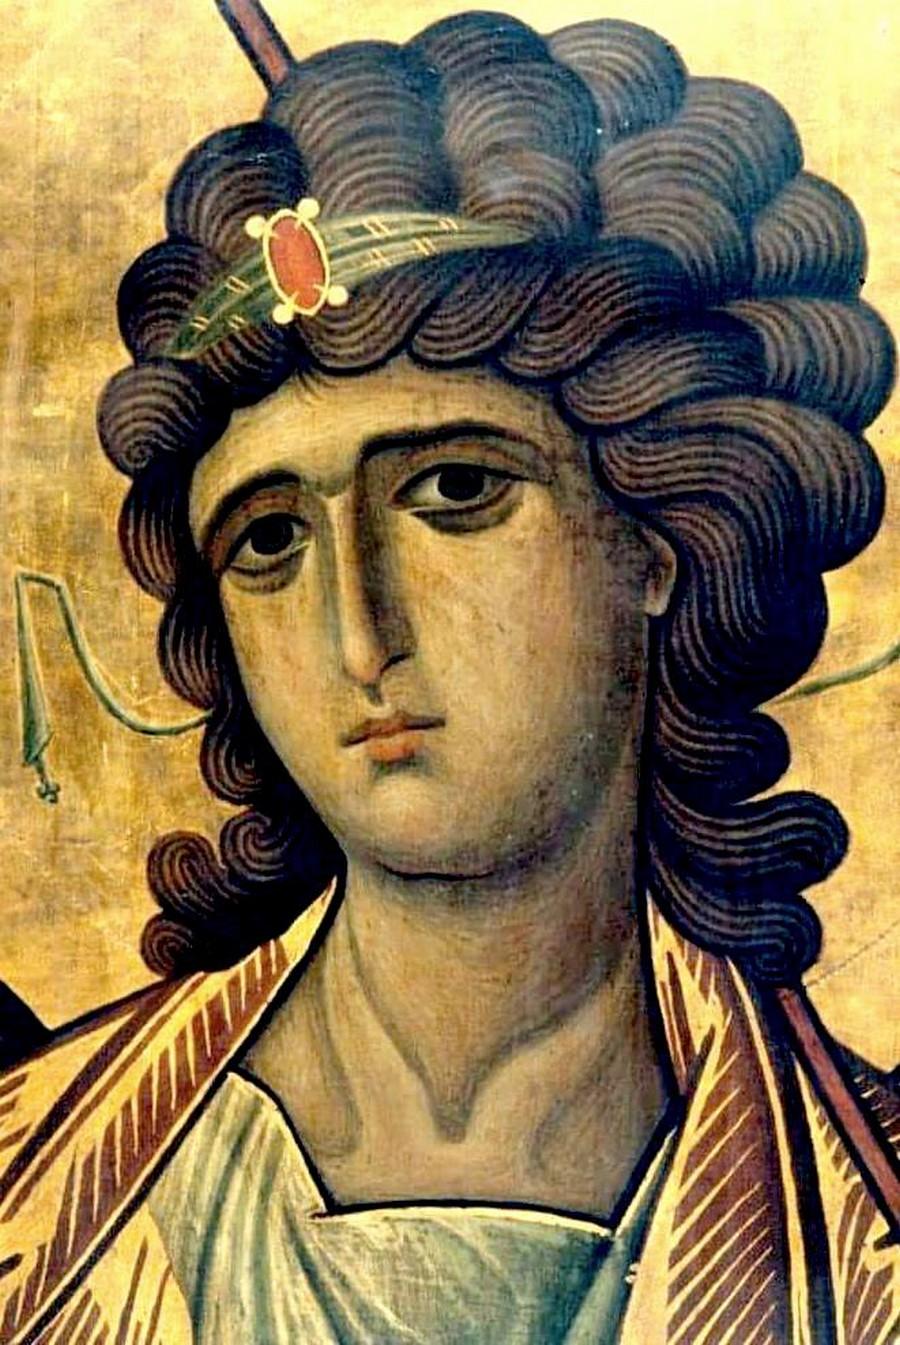 Архангел Гавриил. Фрагмент византийской иконы XIII века. Монастырь Святой Екатерины на Синае.